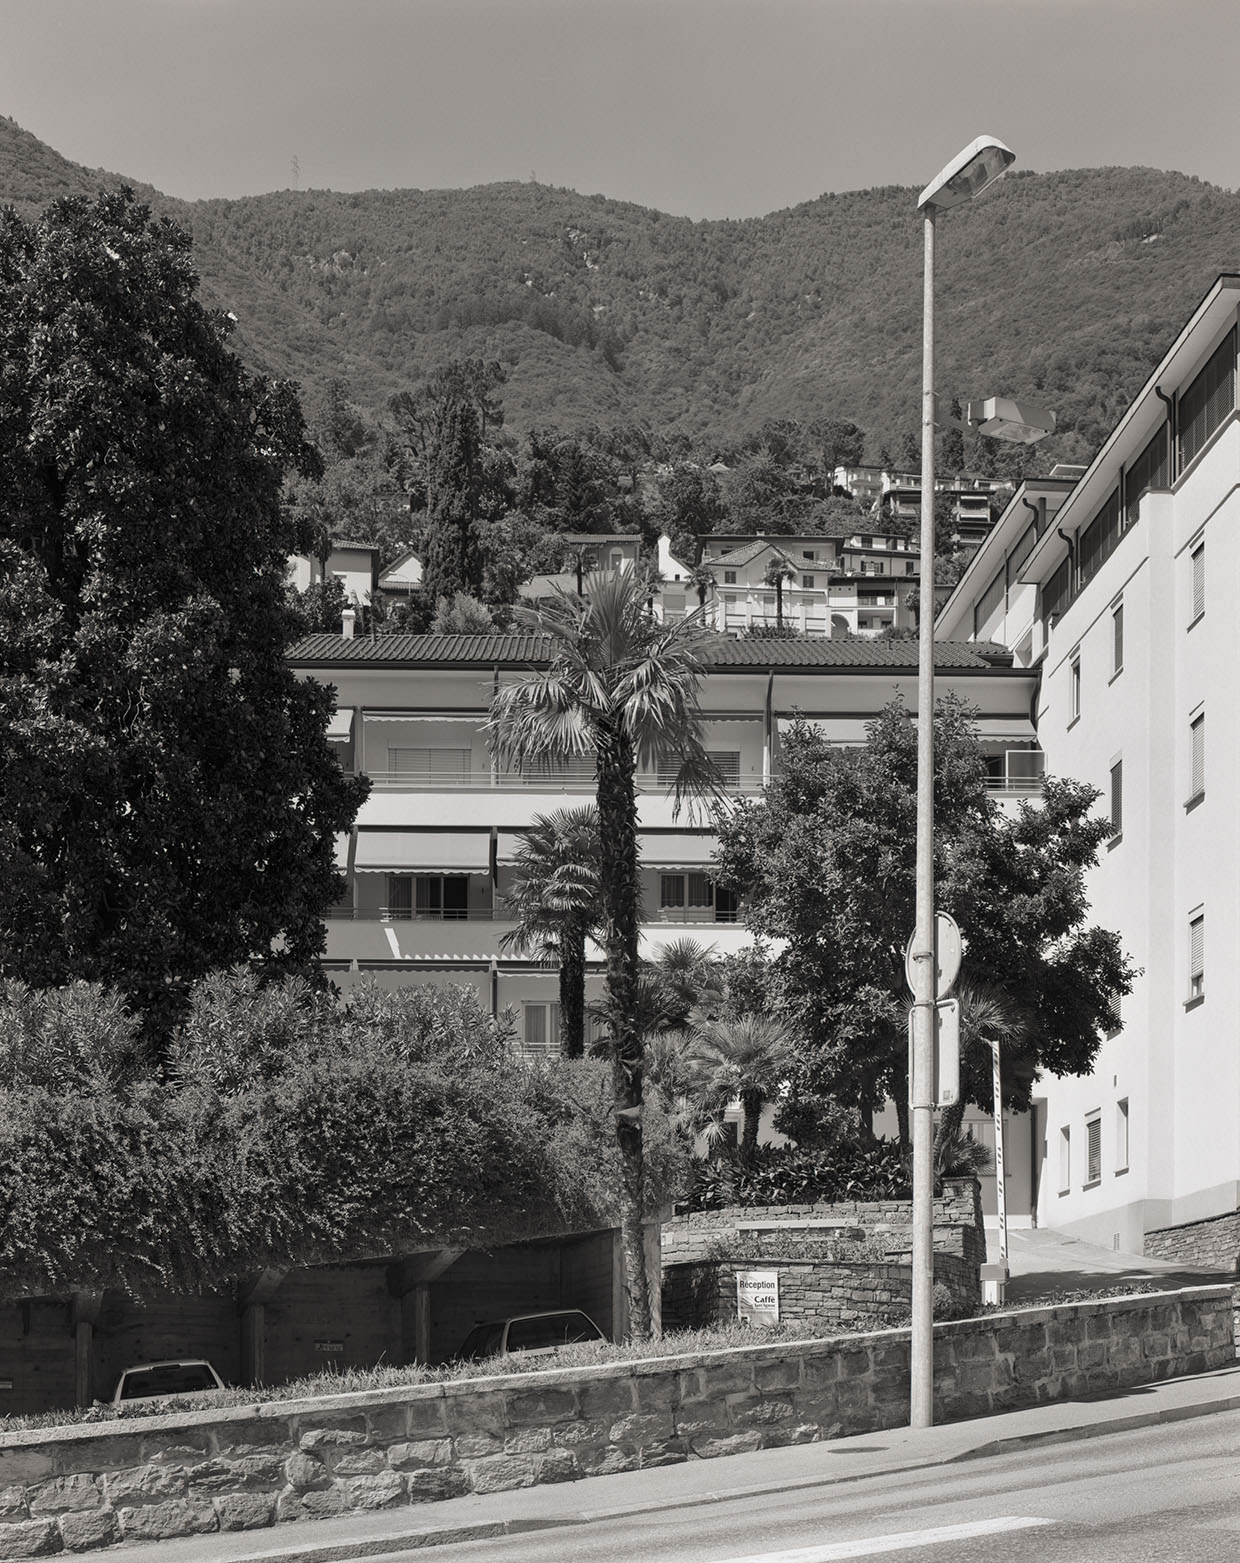 Klinik S. Agnese, Locarno-Muralto, aus Südwesten, 2005, Fotograf: Dominique Uldry ©Bern: Dominique Uldry